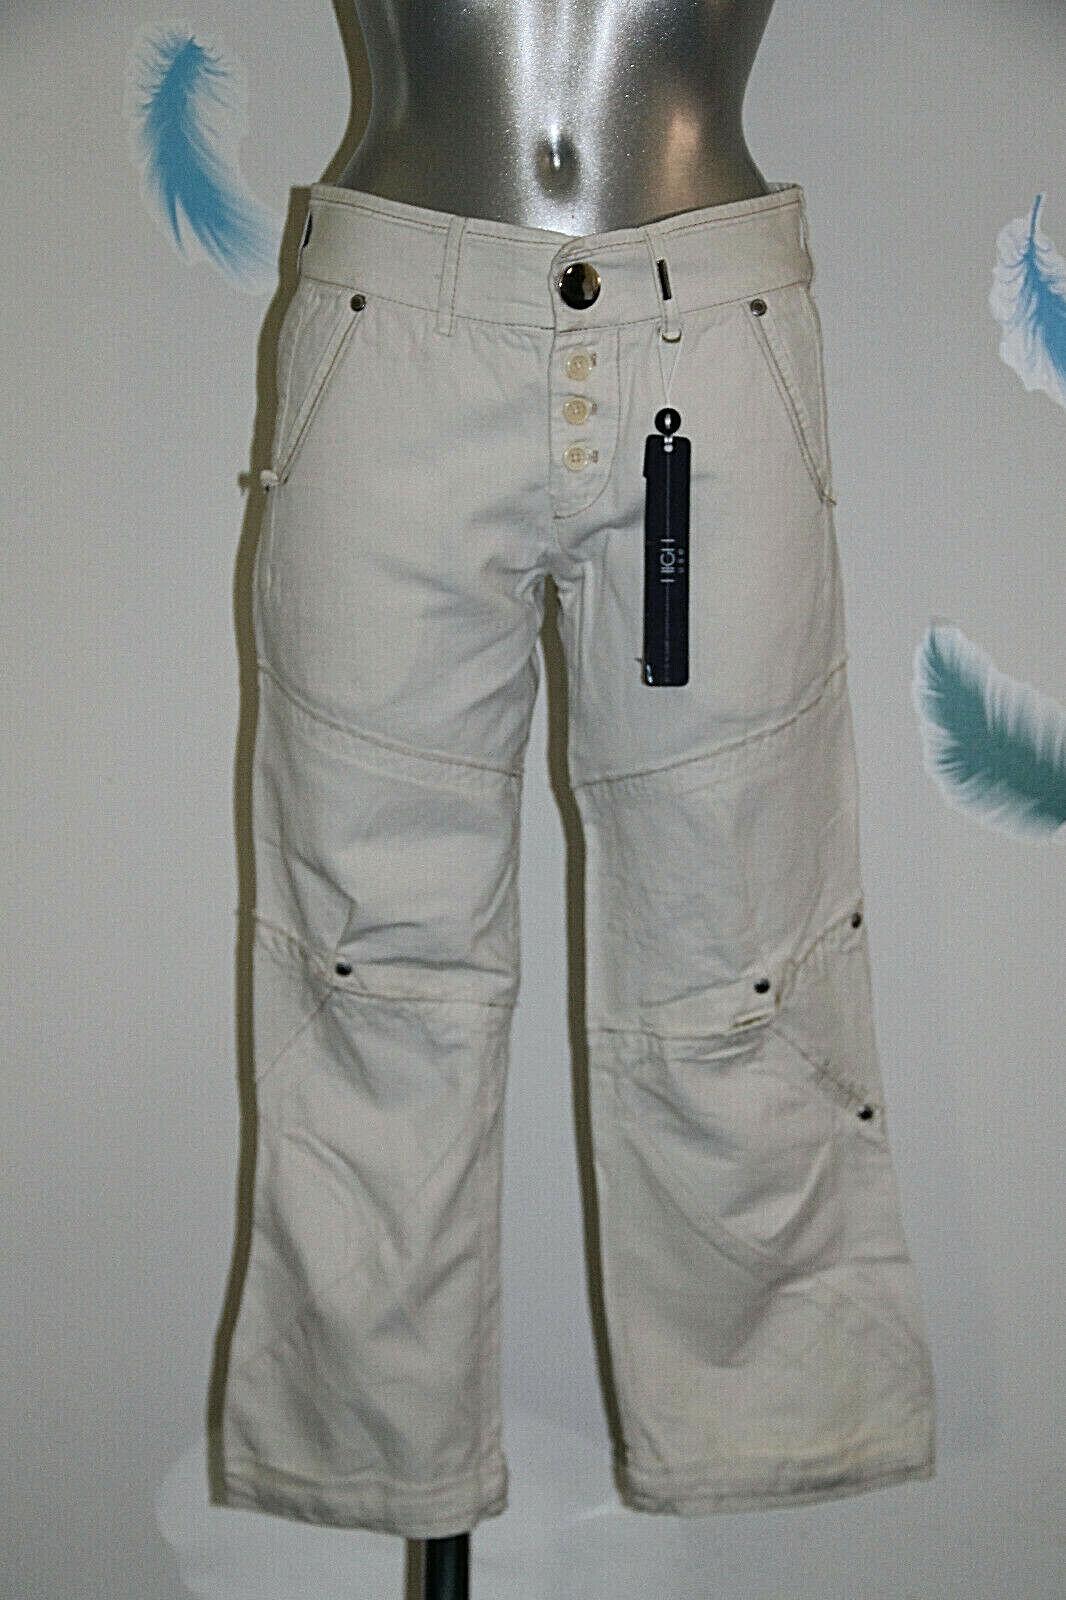 Kurze Hose Baumwolle Leinen Beige High Use Ex Girbaud Größe 36 Fr 40i Neu mit